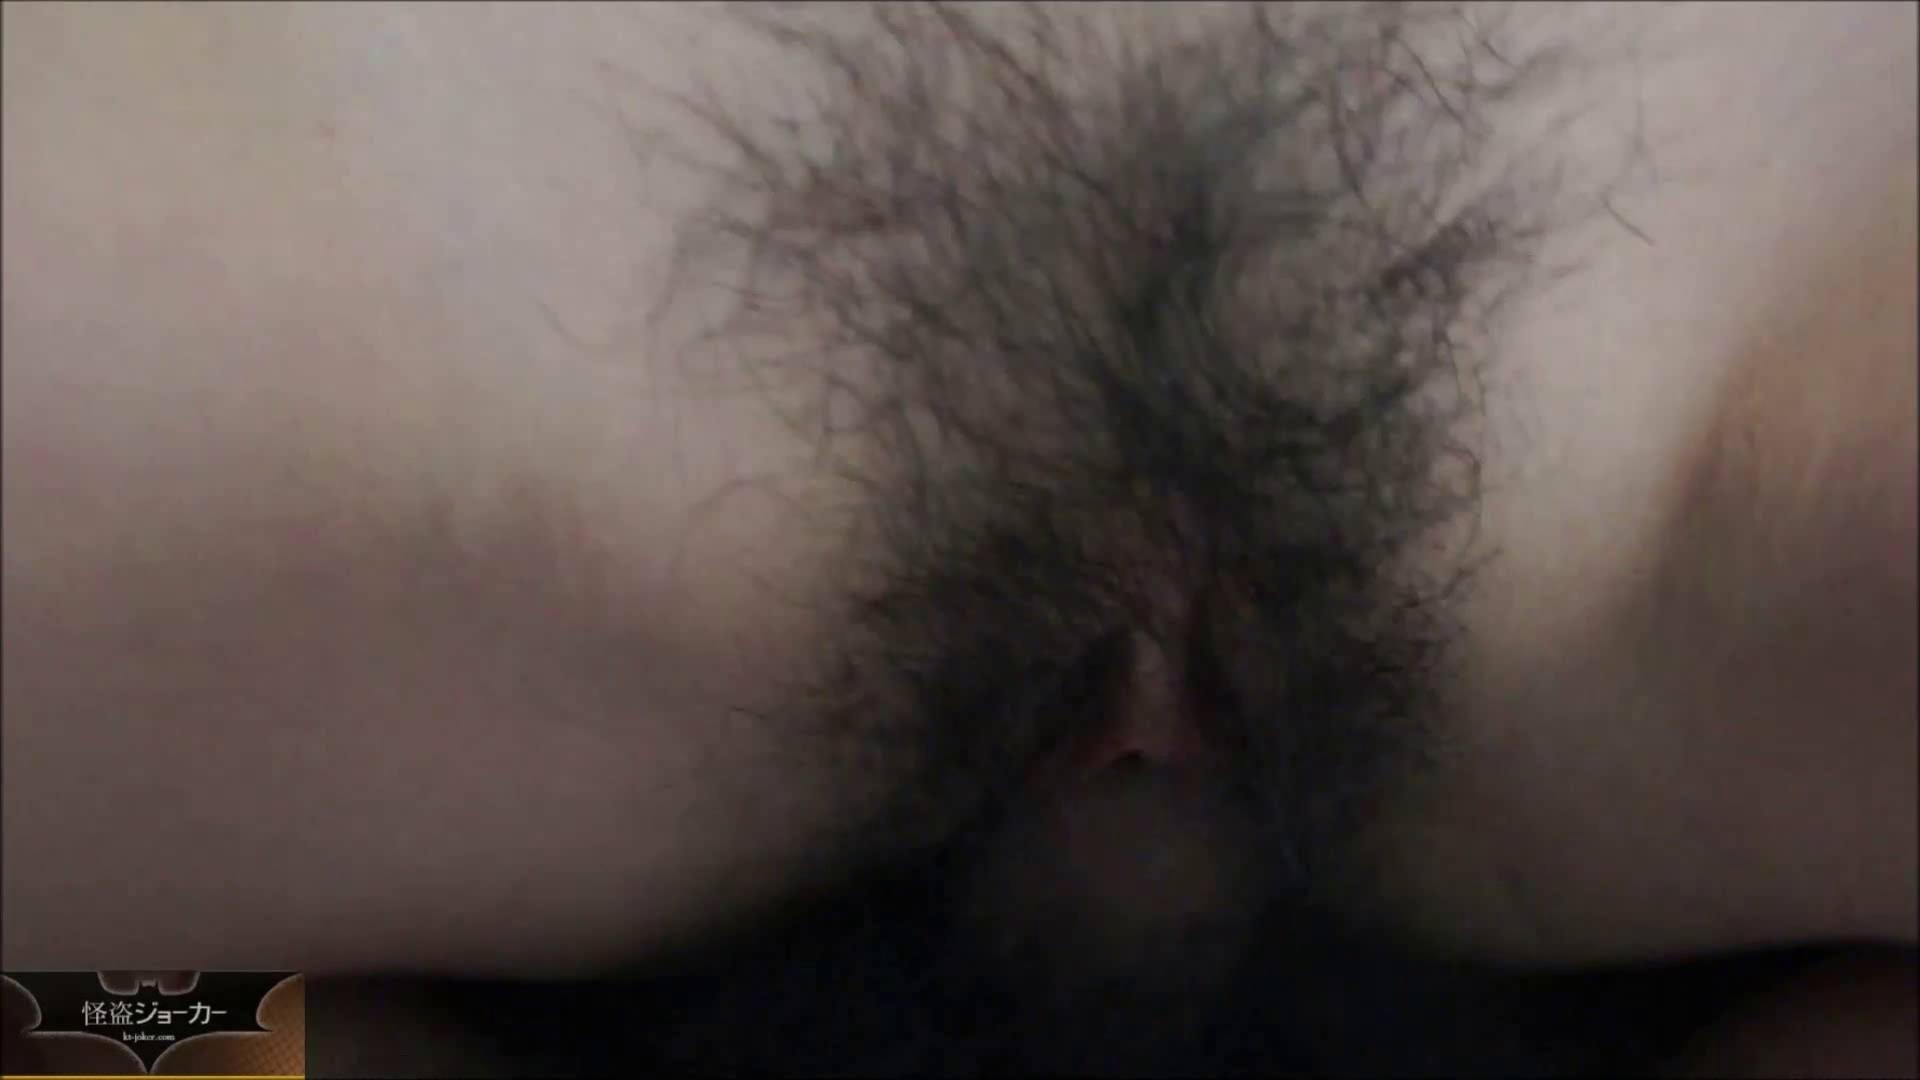 【未公開】vol.23 ユリナ、寝取られのアト。 いじくり 性交動画流出 54画像 49